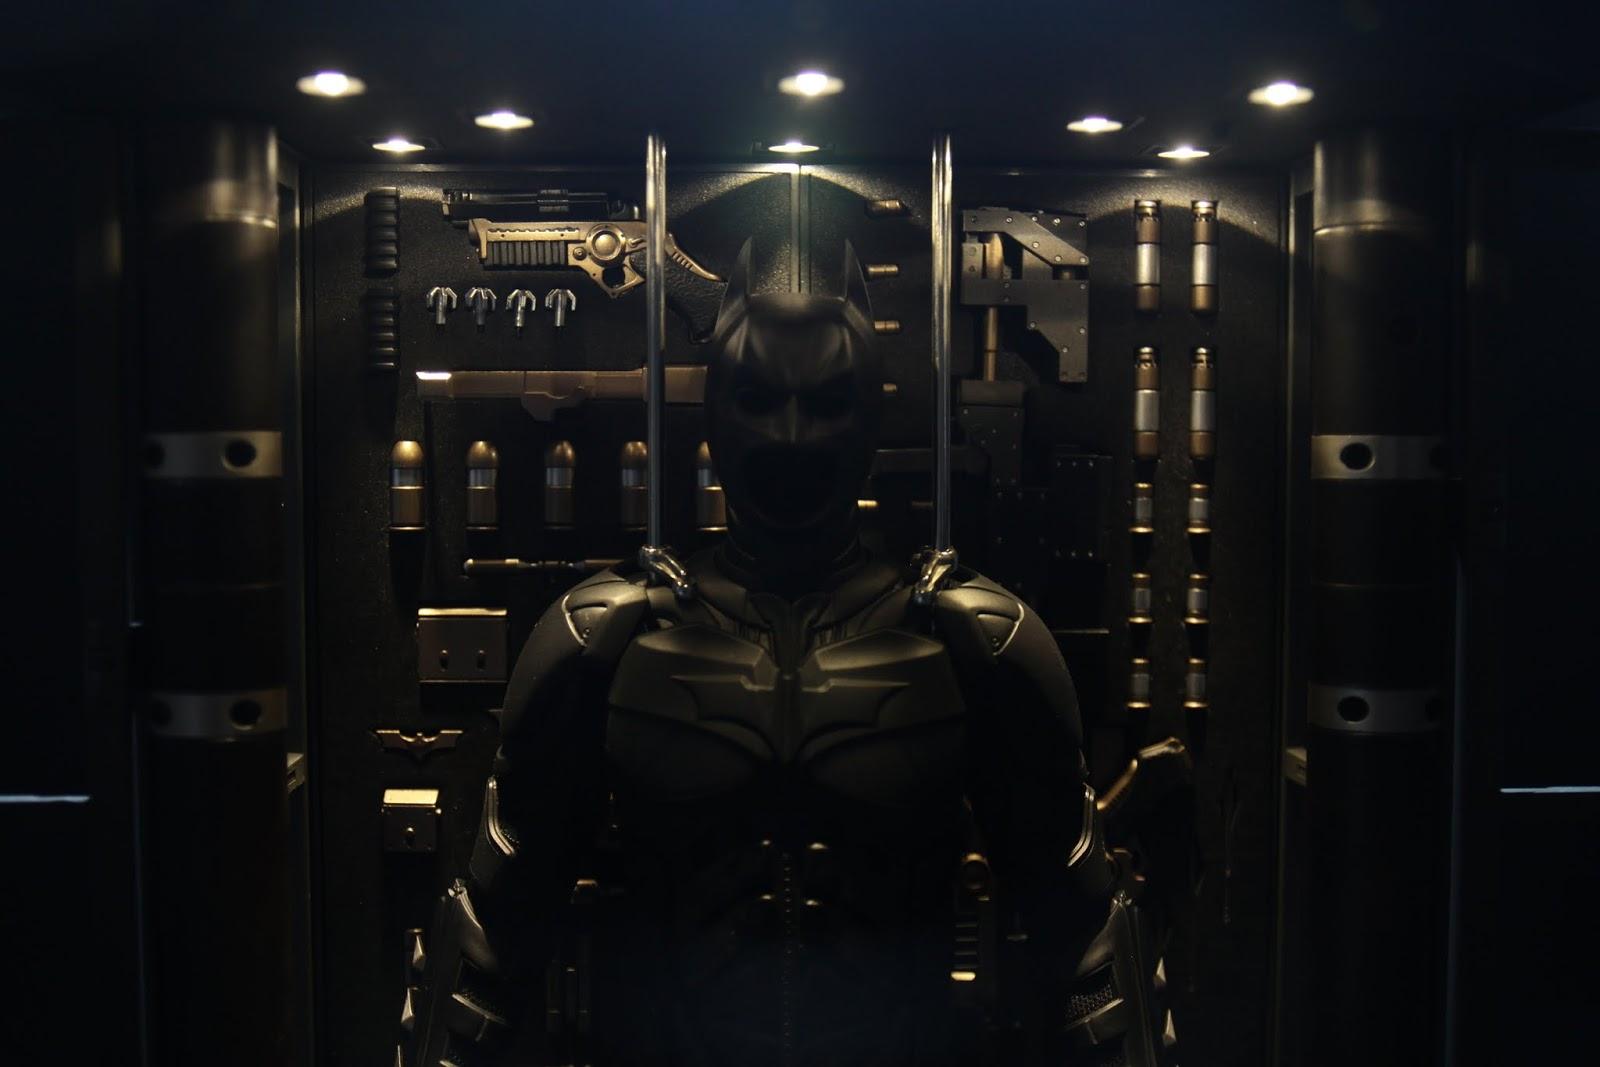 裝甲本身就是拿蝙蝠俠來放, 換掉頭手腳